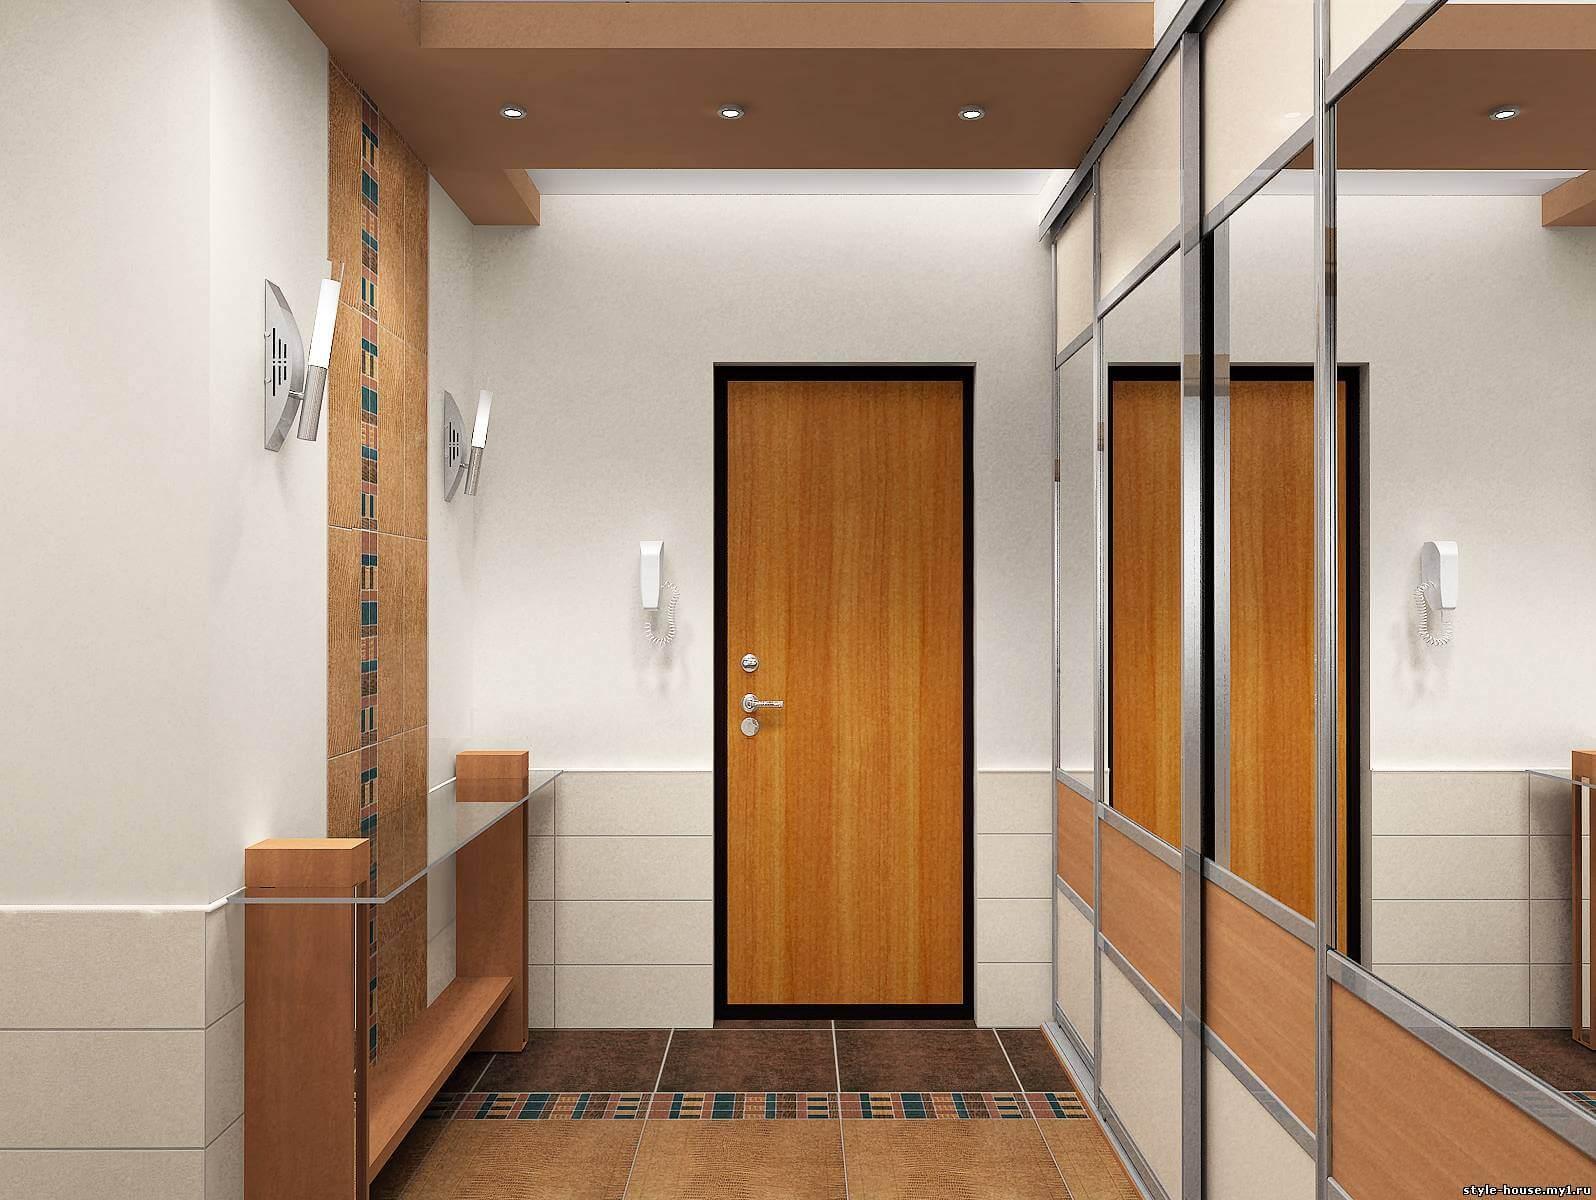 функциональный дизайн прихожей комнаты с узким коридором